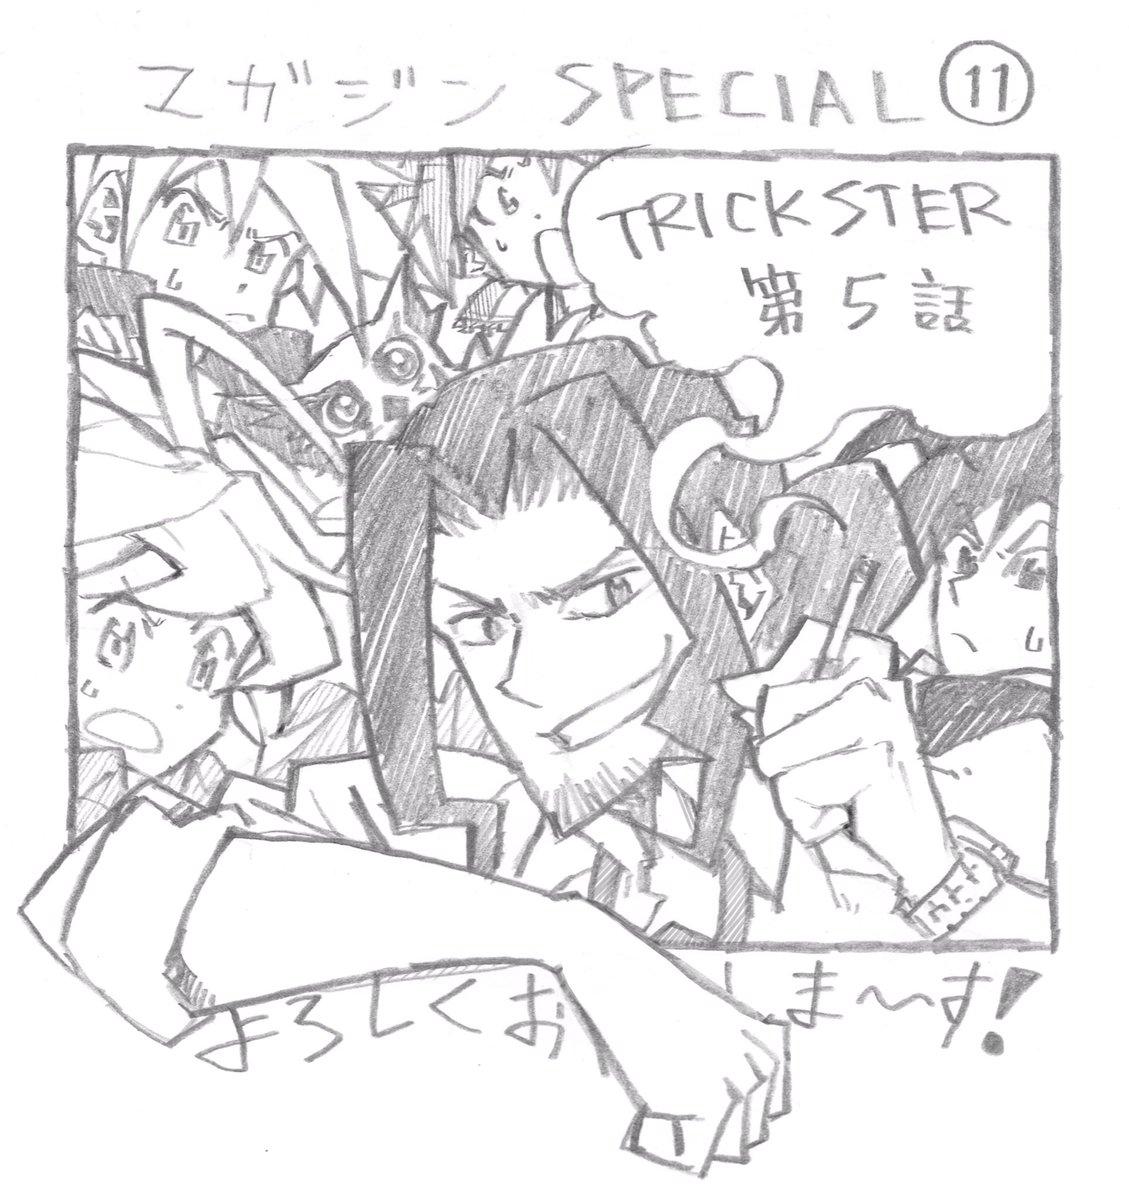 本日発売マガジンSPECIAL No.11TRICKSTER 第5話 載ってます!なんとアニメとコラボ表紙&巻頭